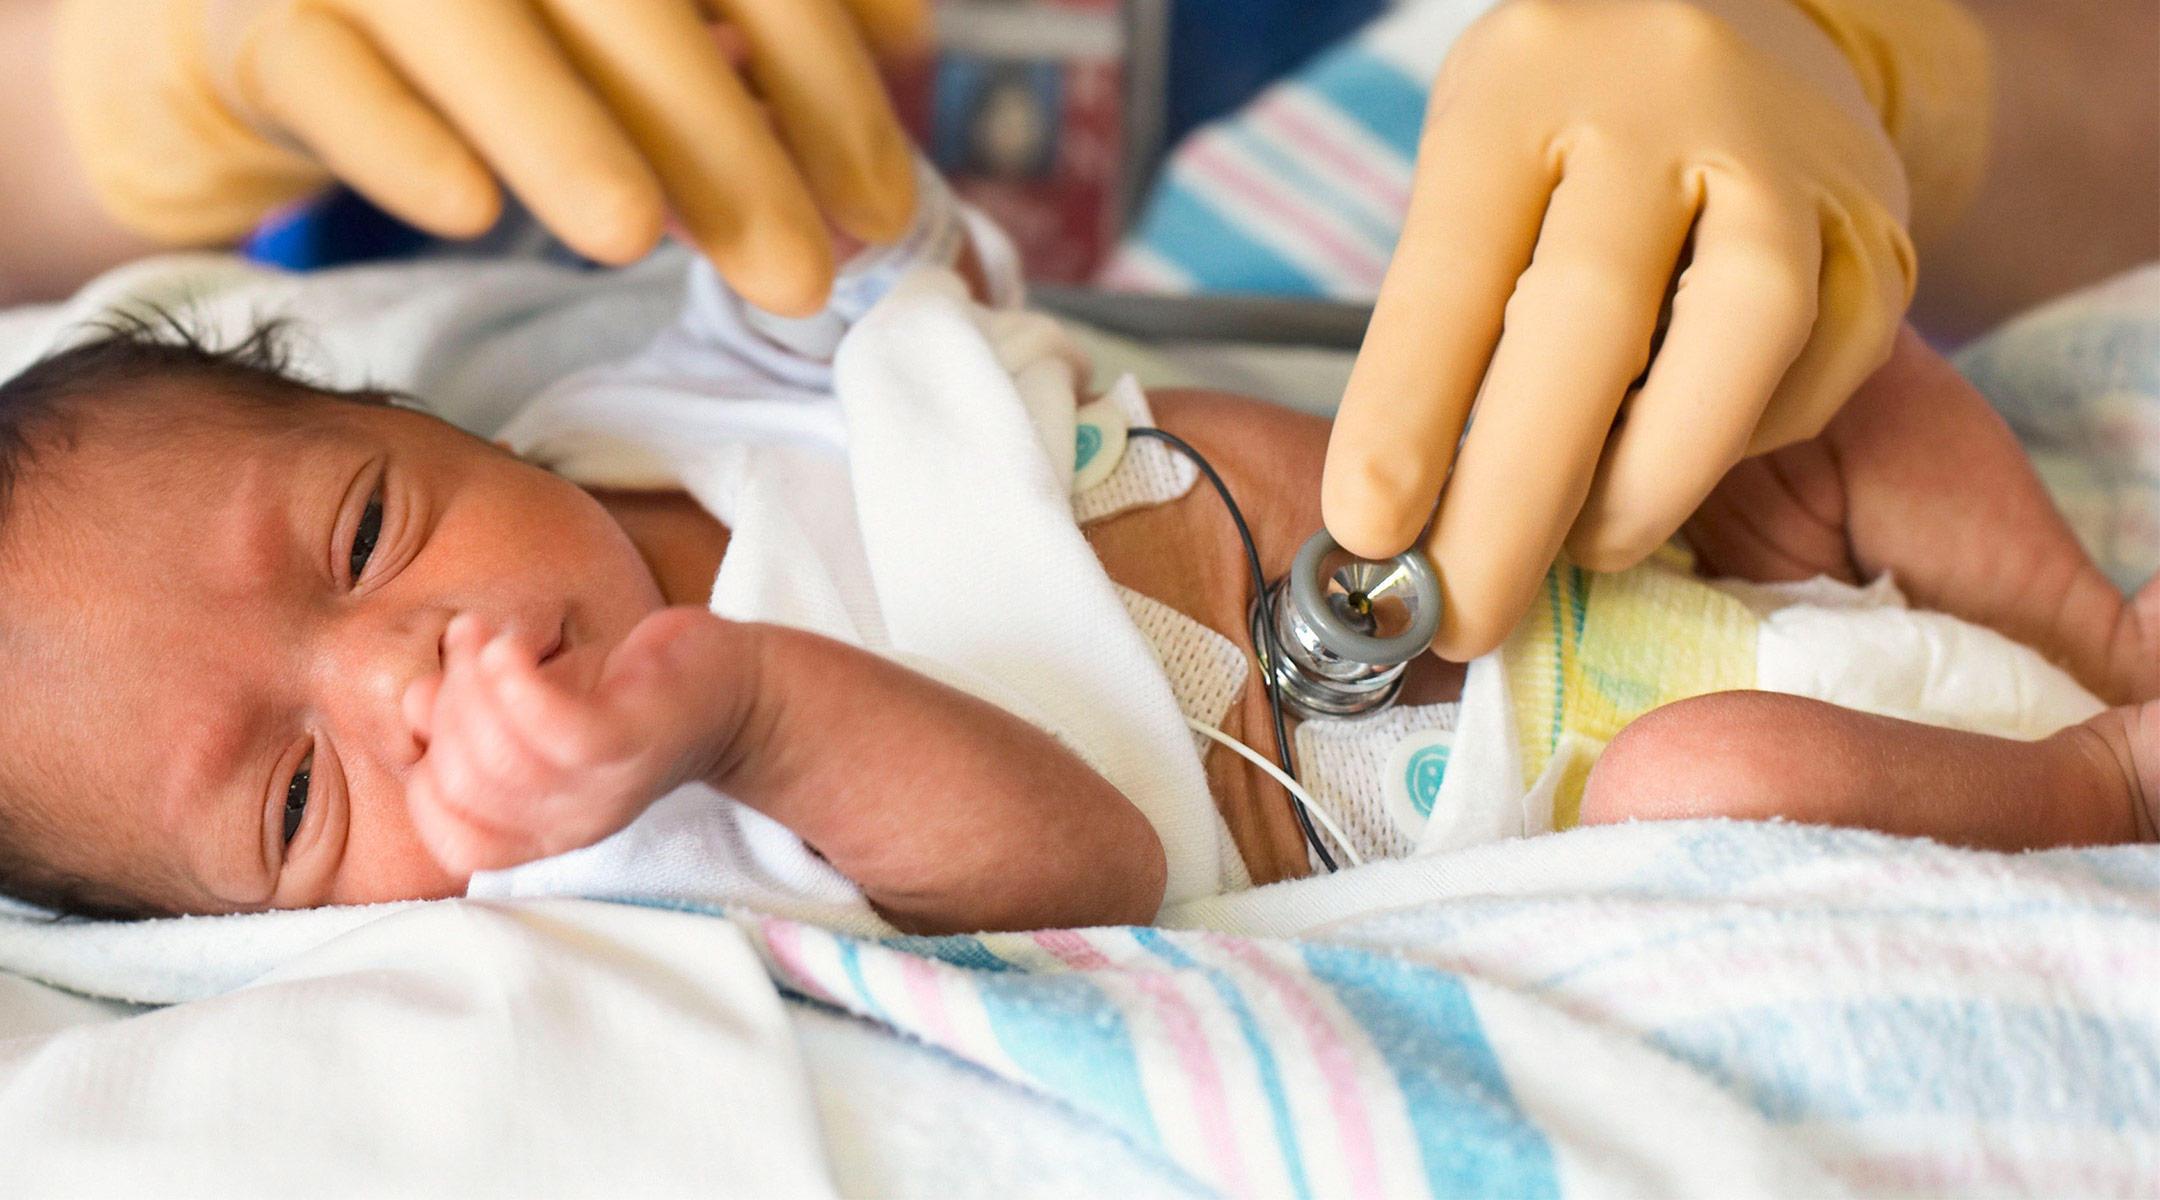 Недоношенные дети чаще подвержены синдрому апноэ